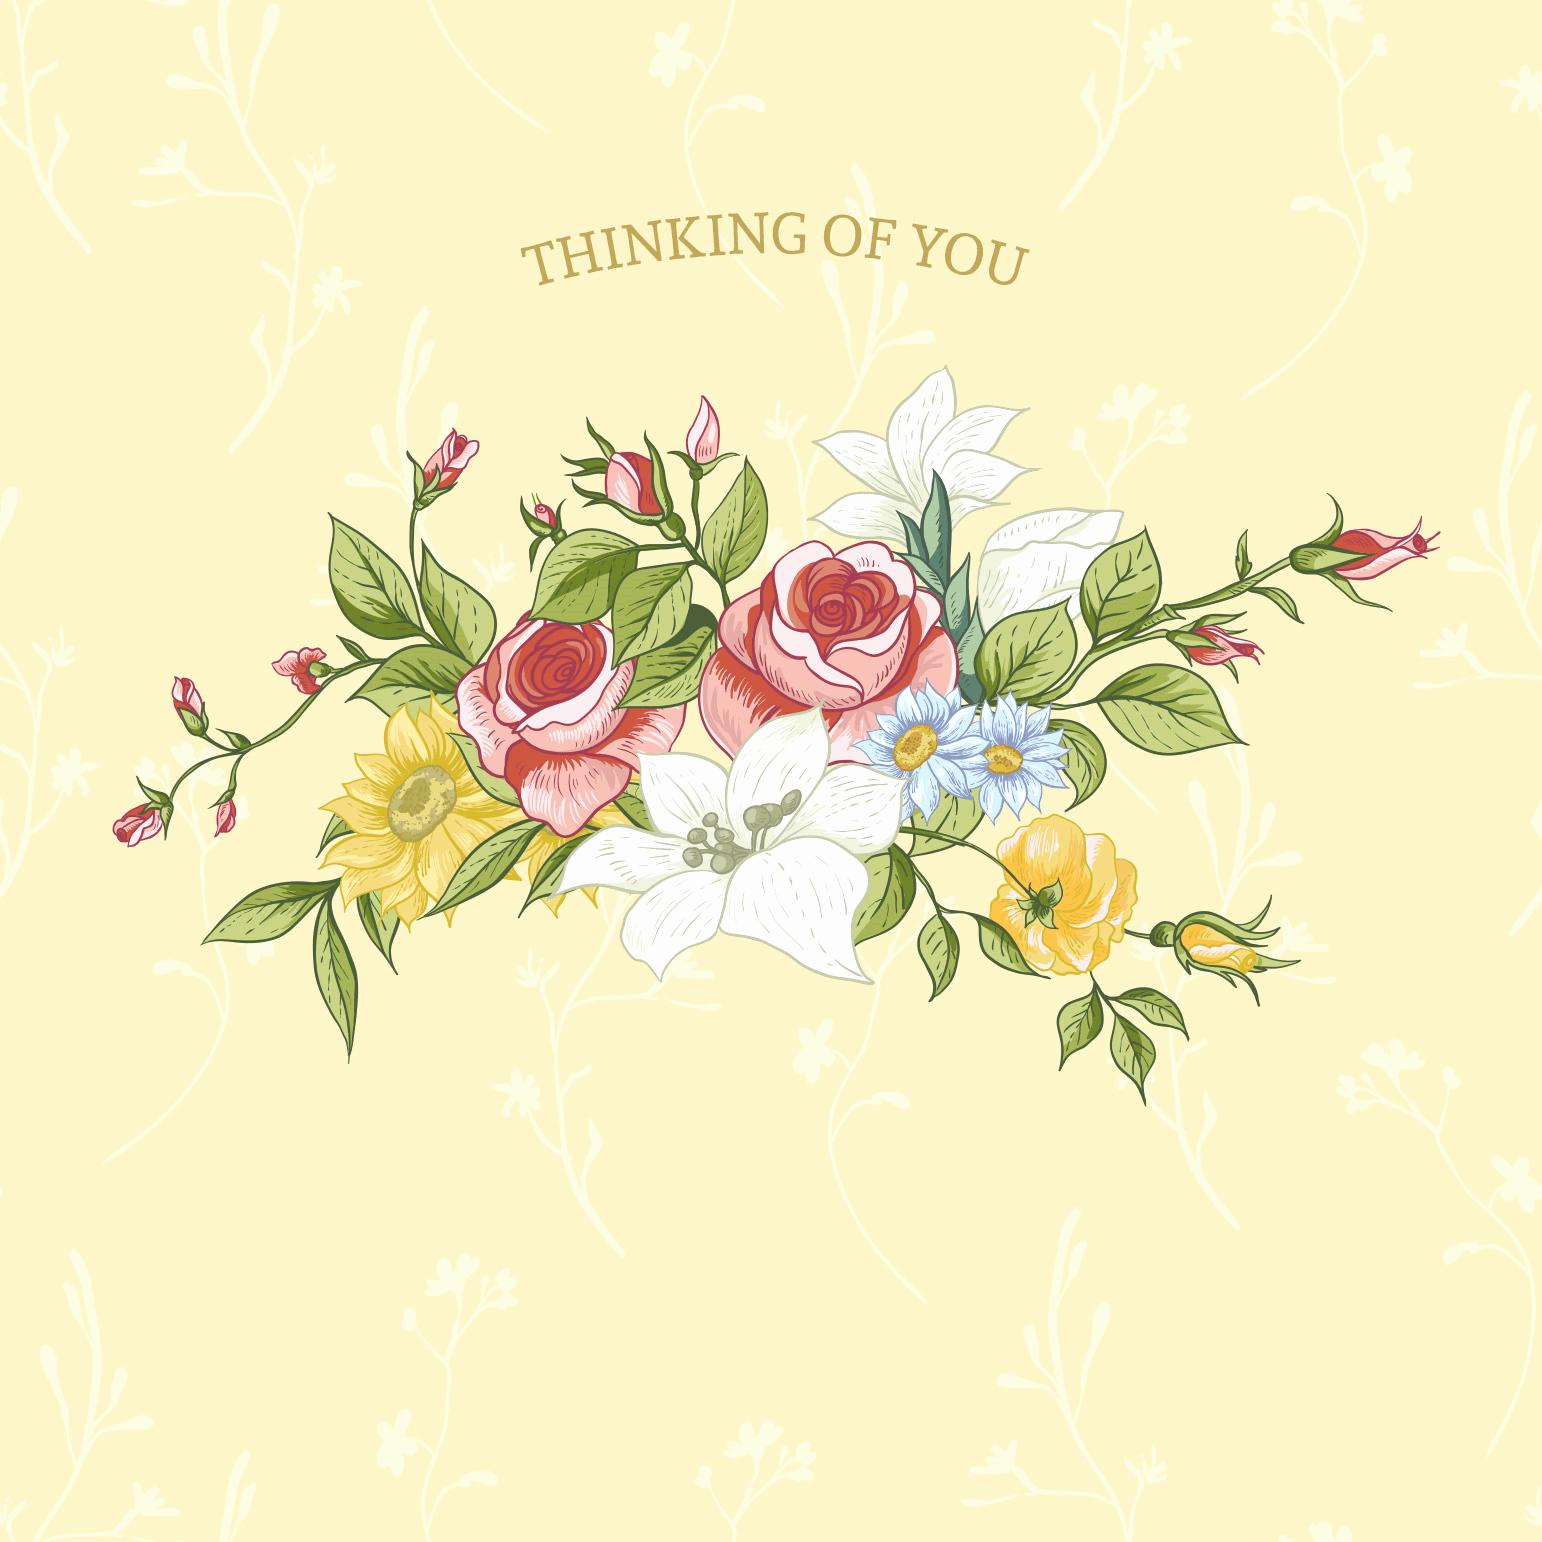 Print Out Sympathy Cards Elegant Treasured Memories Free Sympathy & Condolences Card